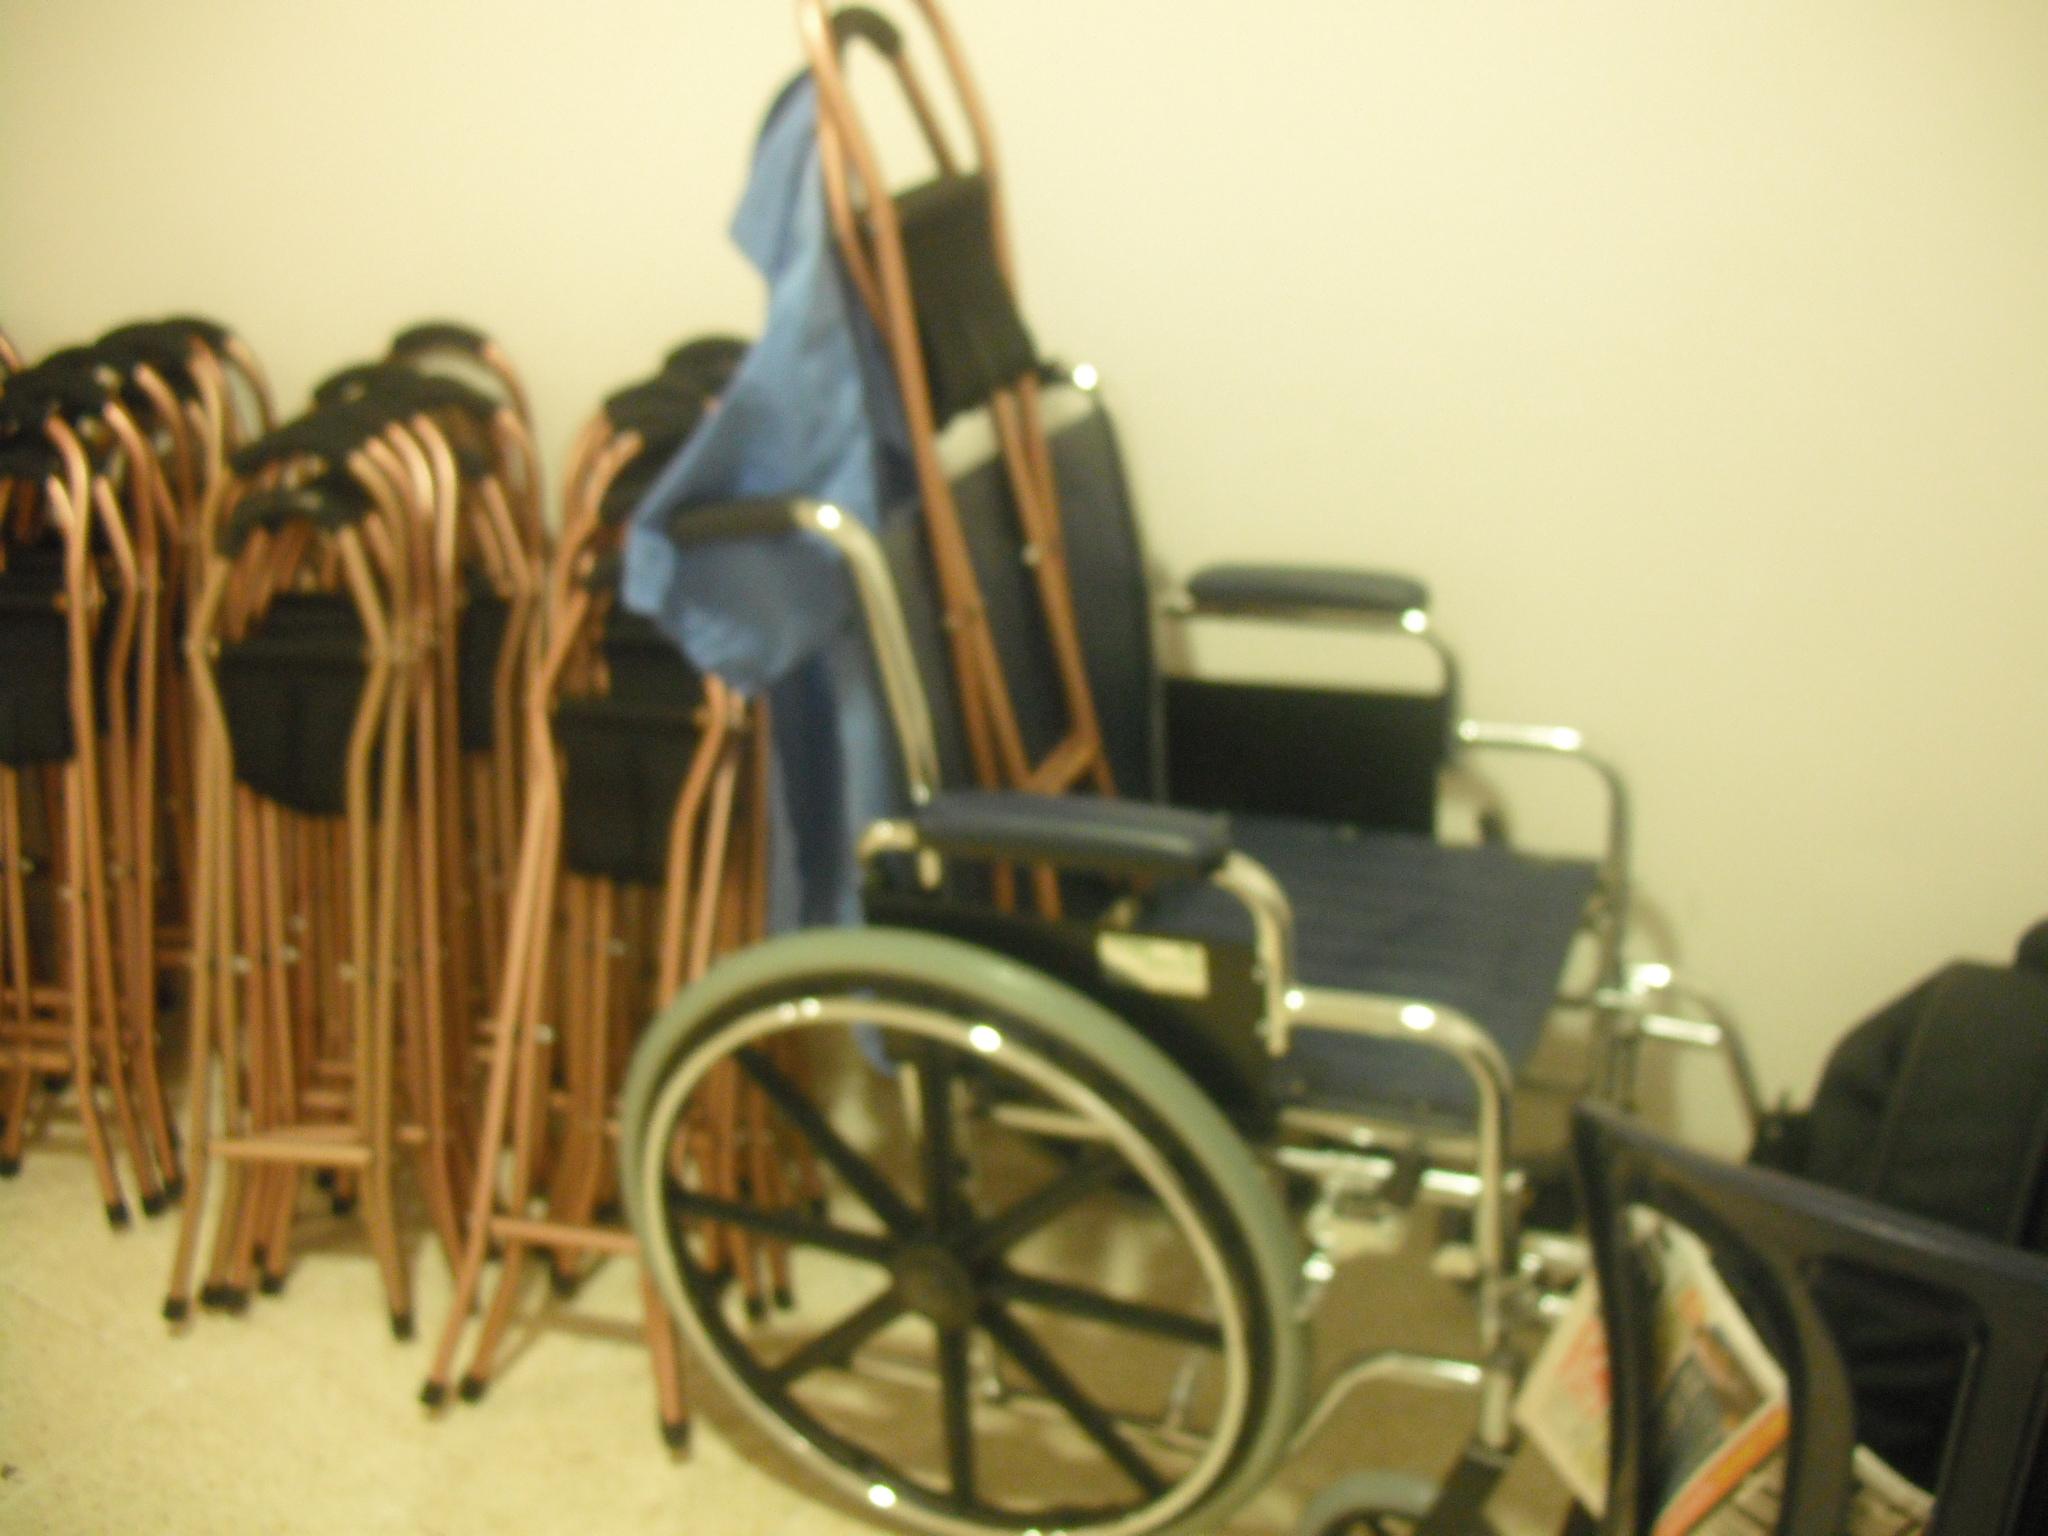 כסא גלגלים ומושב נישא להשאלה